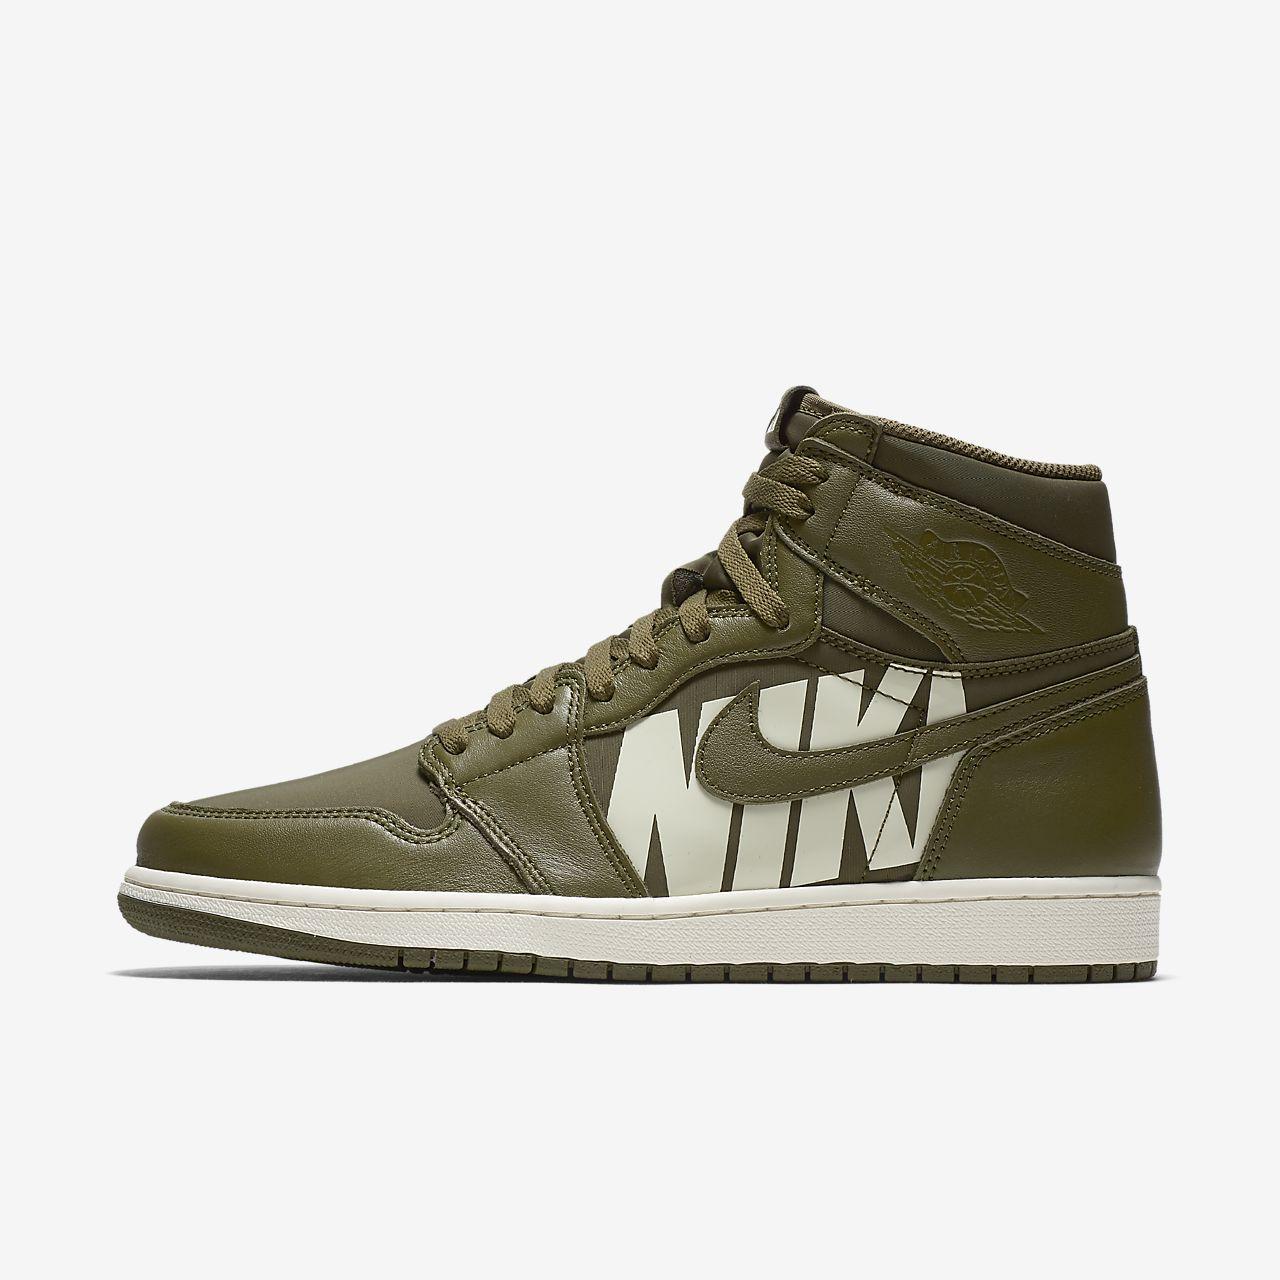 watch 67c6d e3045 Air Jordan 1 Retro High OG sko. Nike.com NO